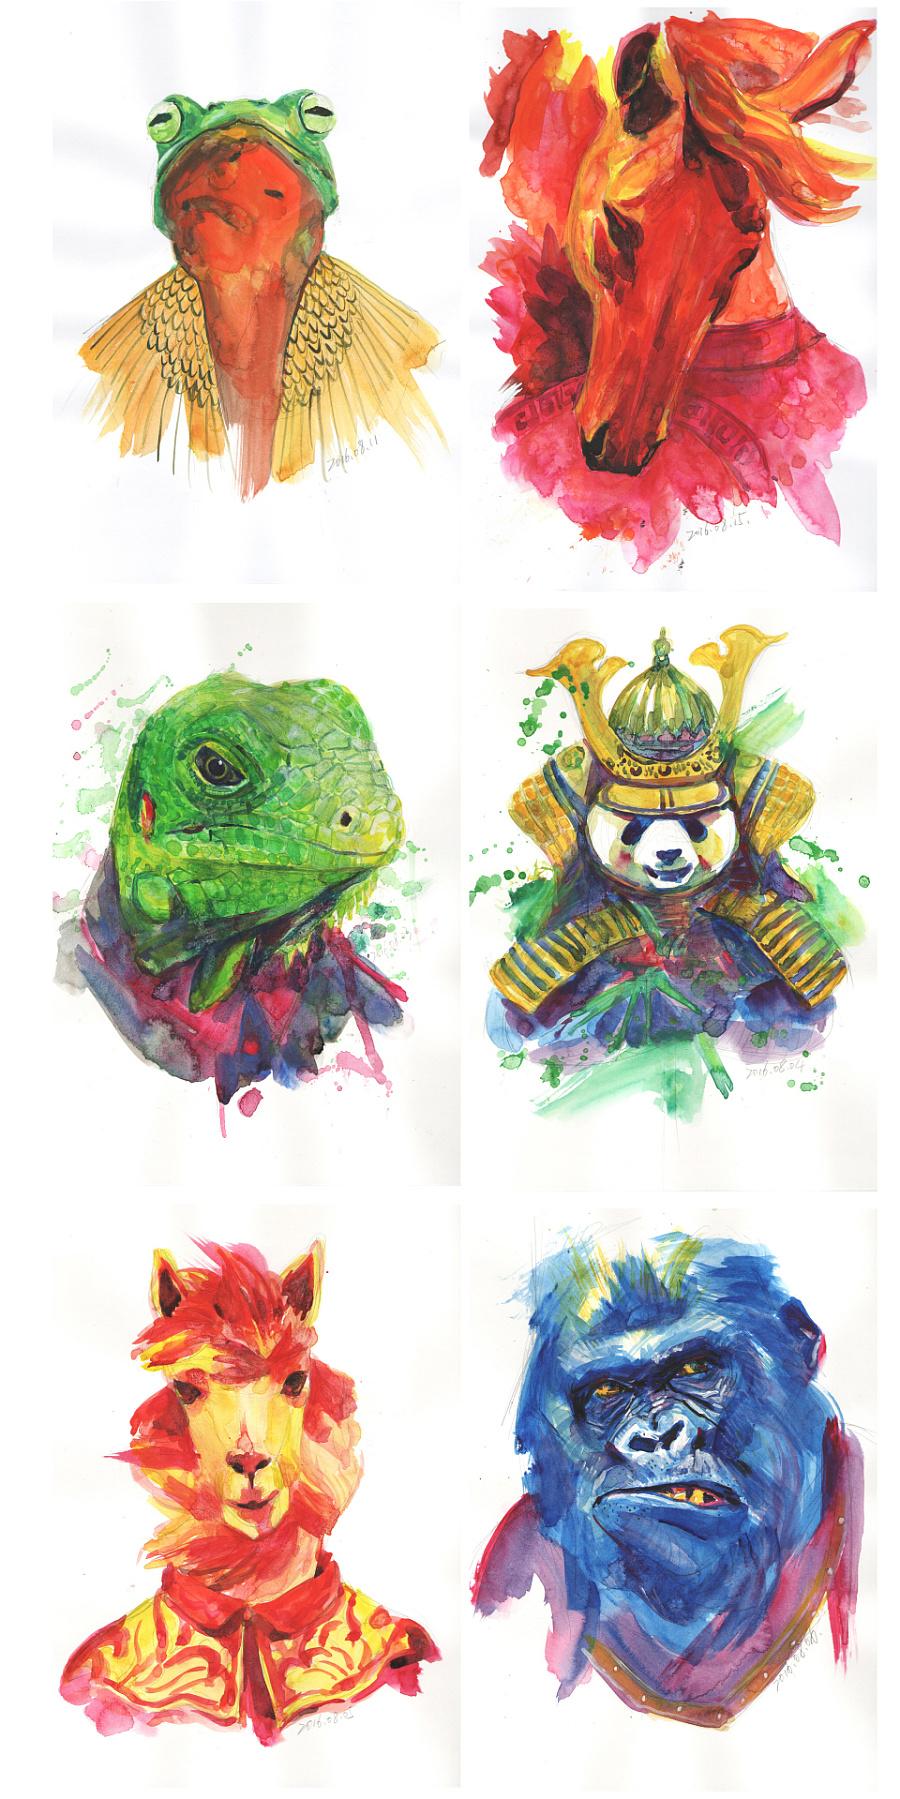 查看《百图斩|拟人化动物形象绘画》原图,原图尺寸:960x1919